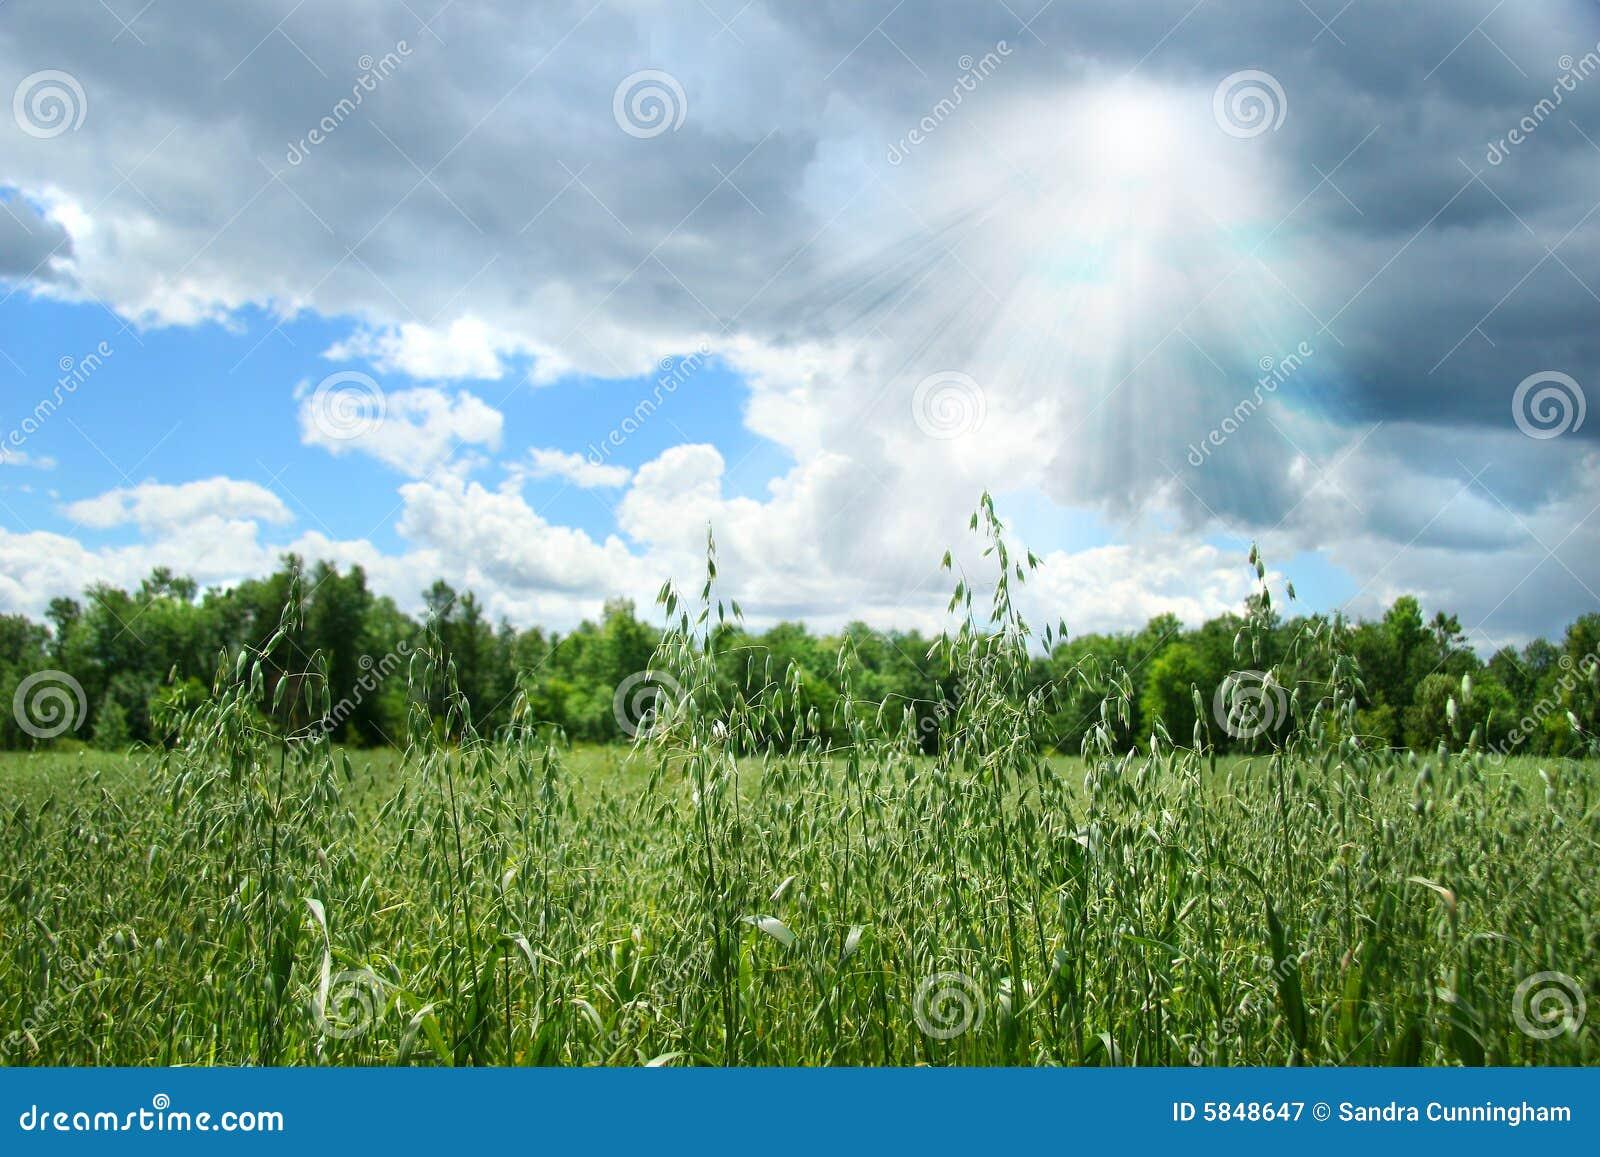 Farma zboża lata uprawy pola